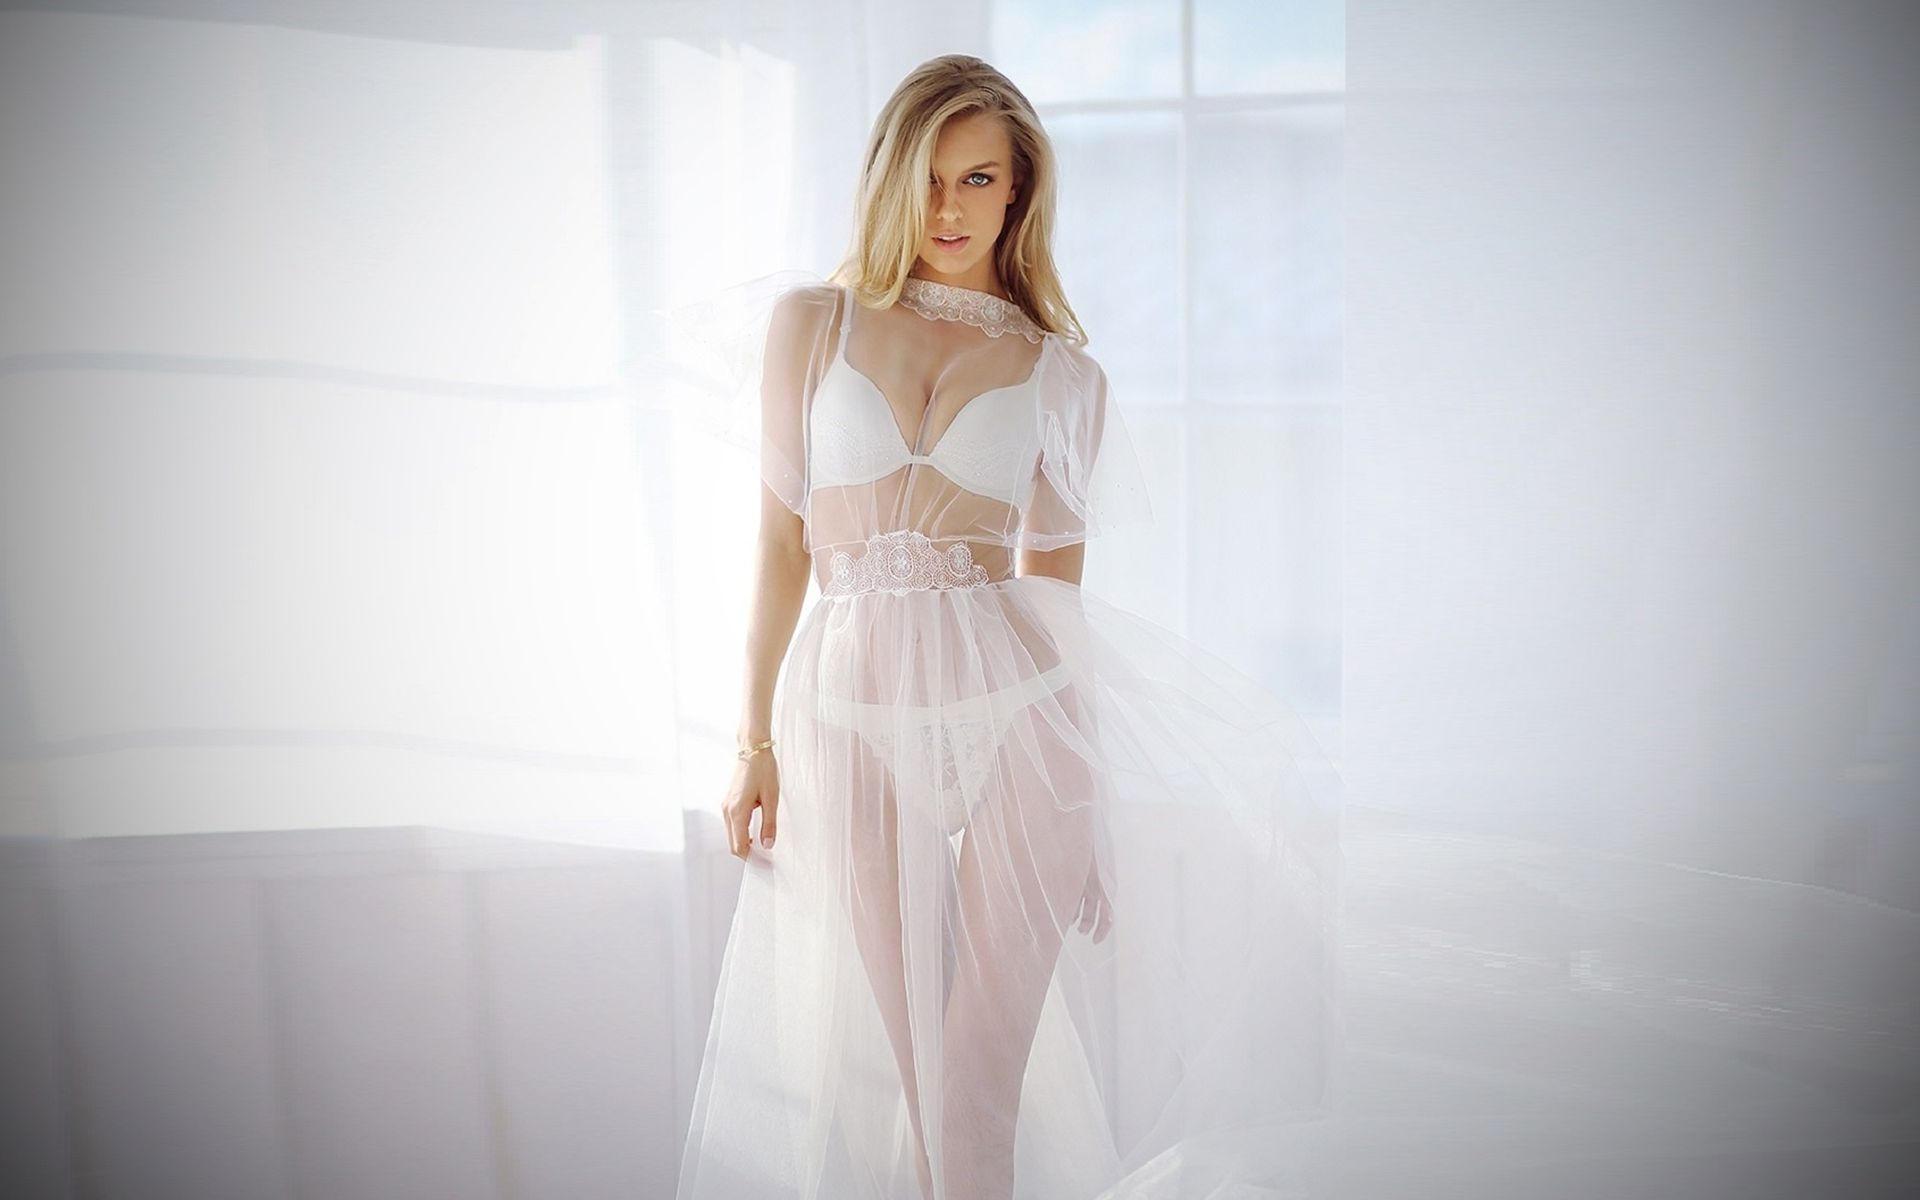 Блондинка в белом ажурном, воздушном платье